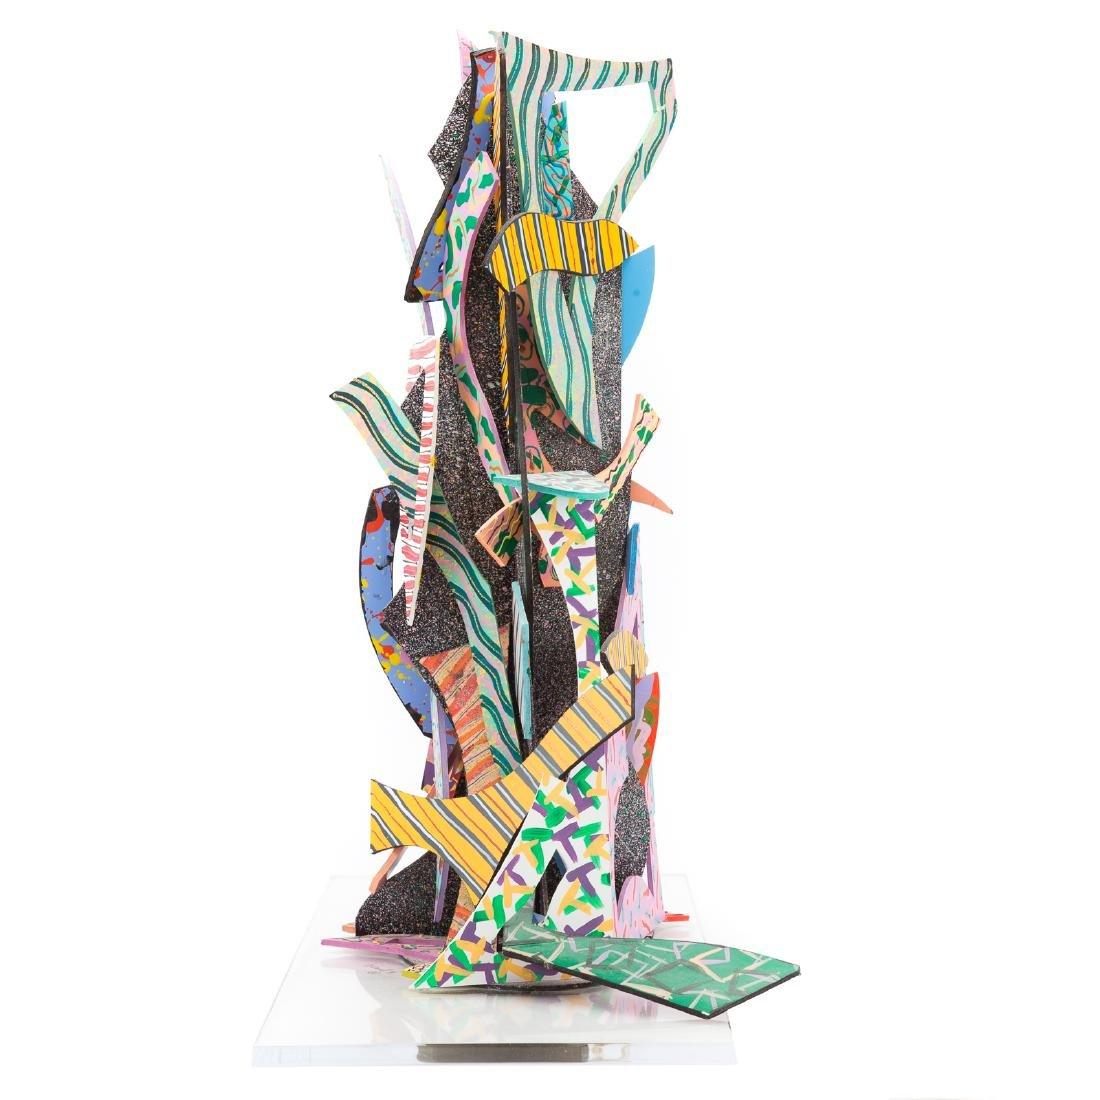 Elliott Wennet. Broadway, sculpture - 2